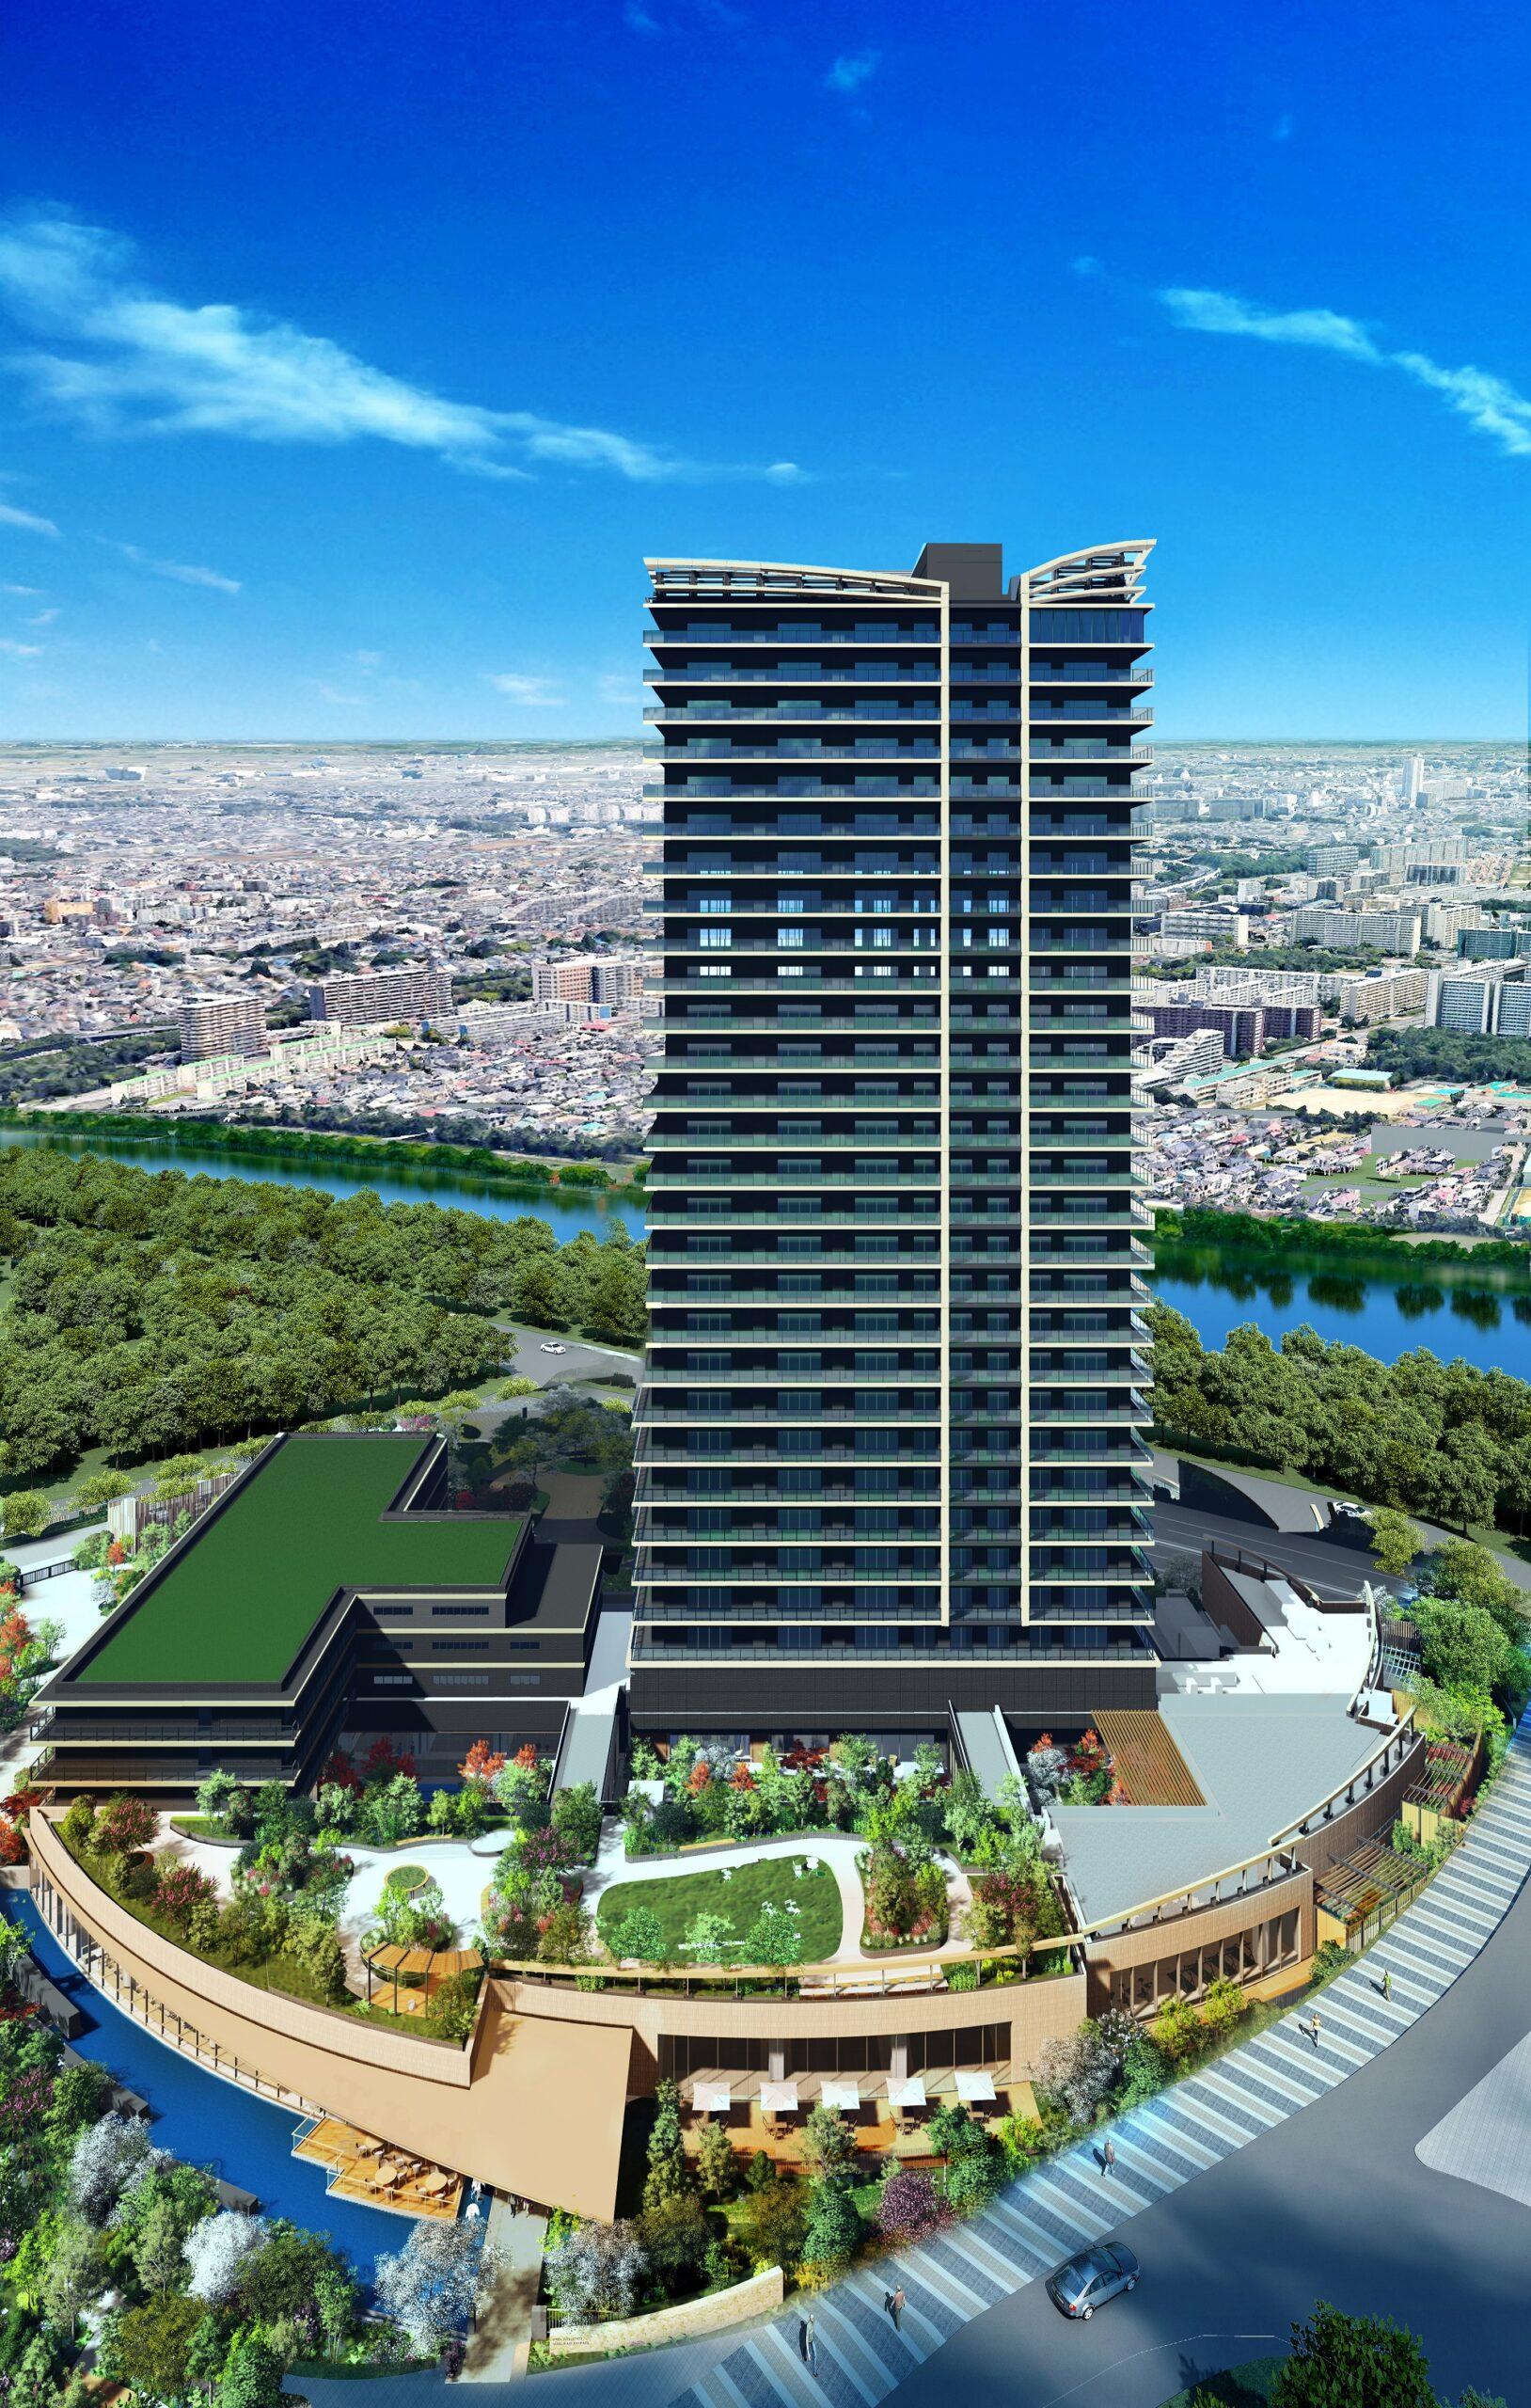 三井不動産レジデンシャル、首都圏最大級のシニアマンション   -海浜幕張に617室の免震タワー物件